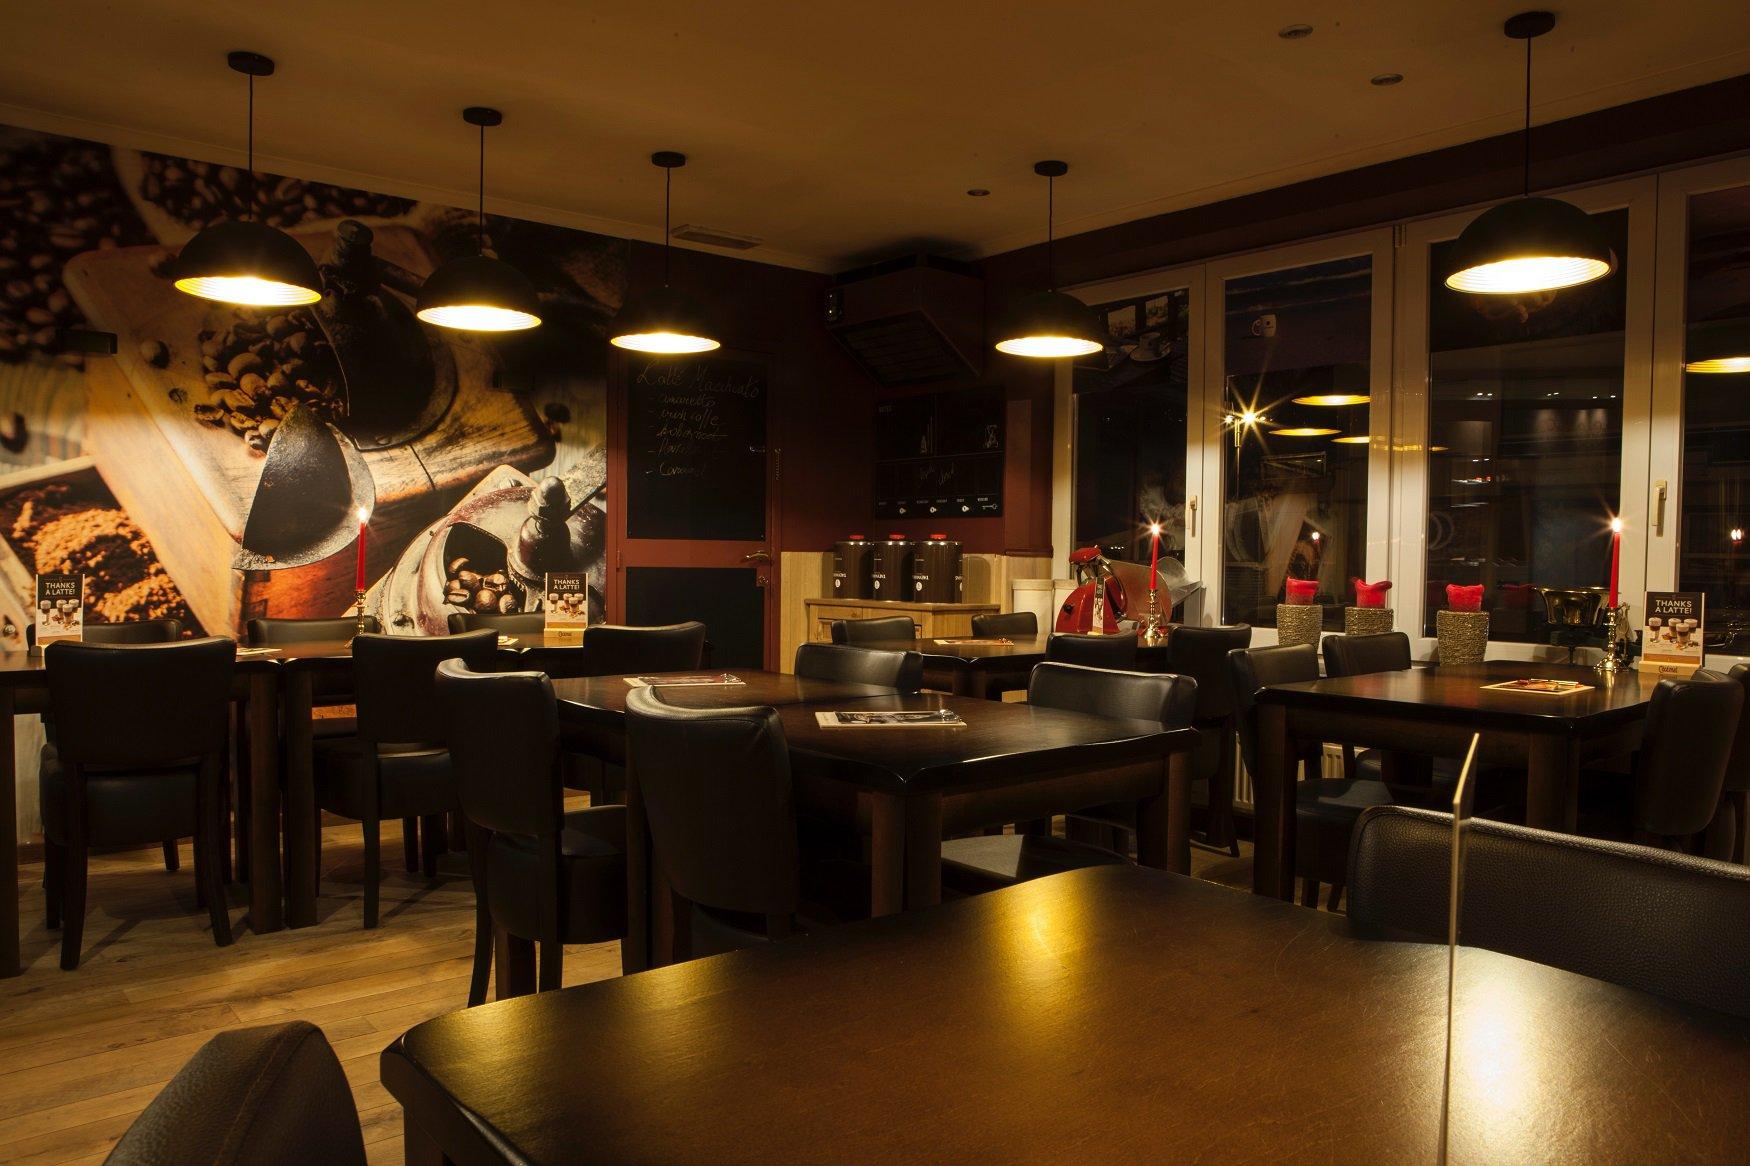 Bel air belgisch restaurant blankenberge 8370 for Hotel romantique belgique